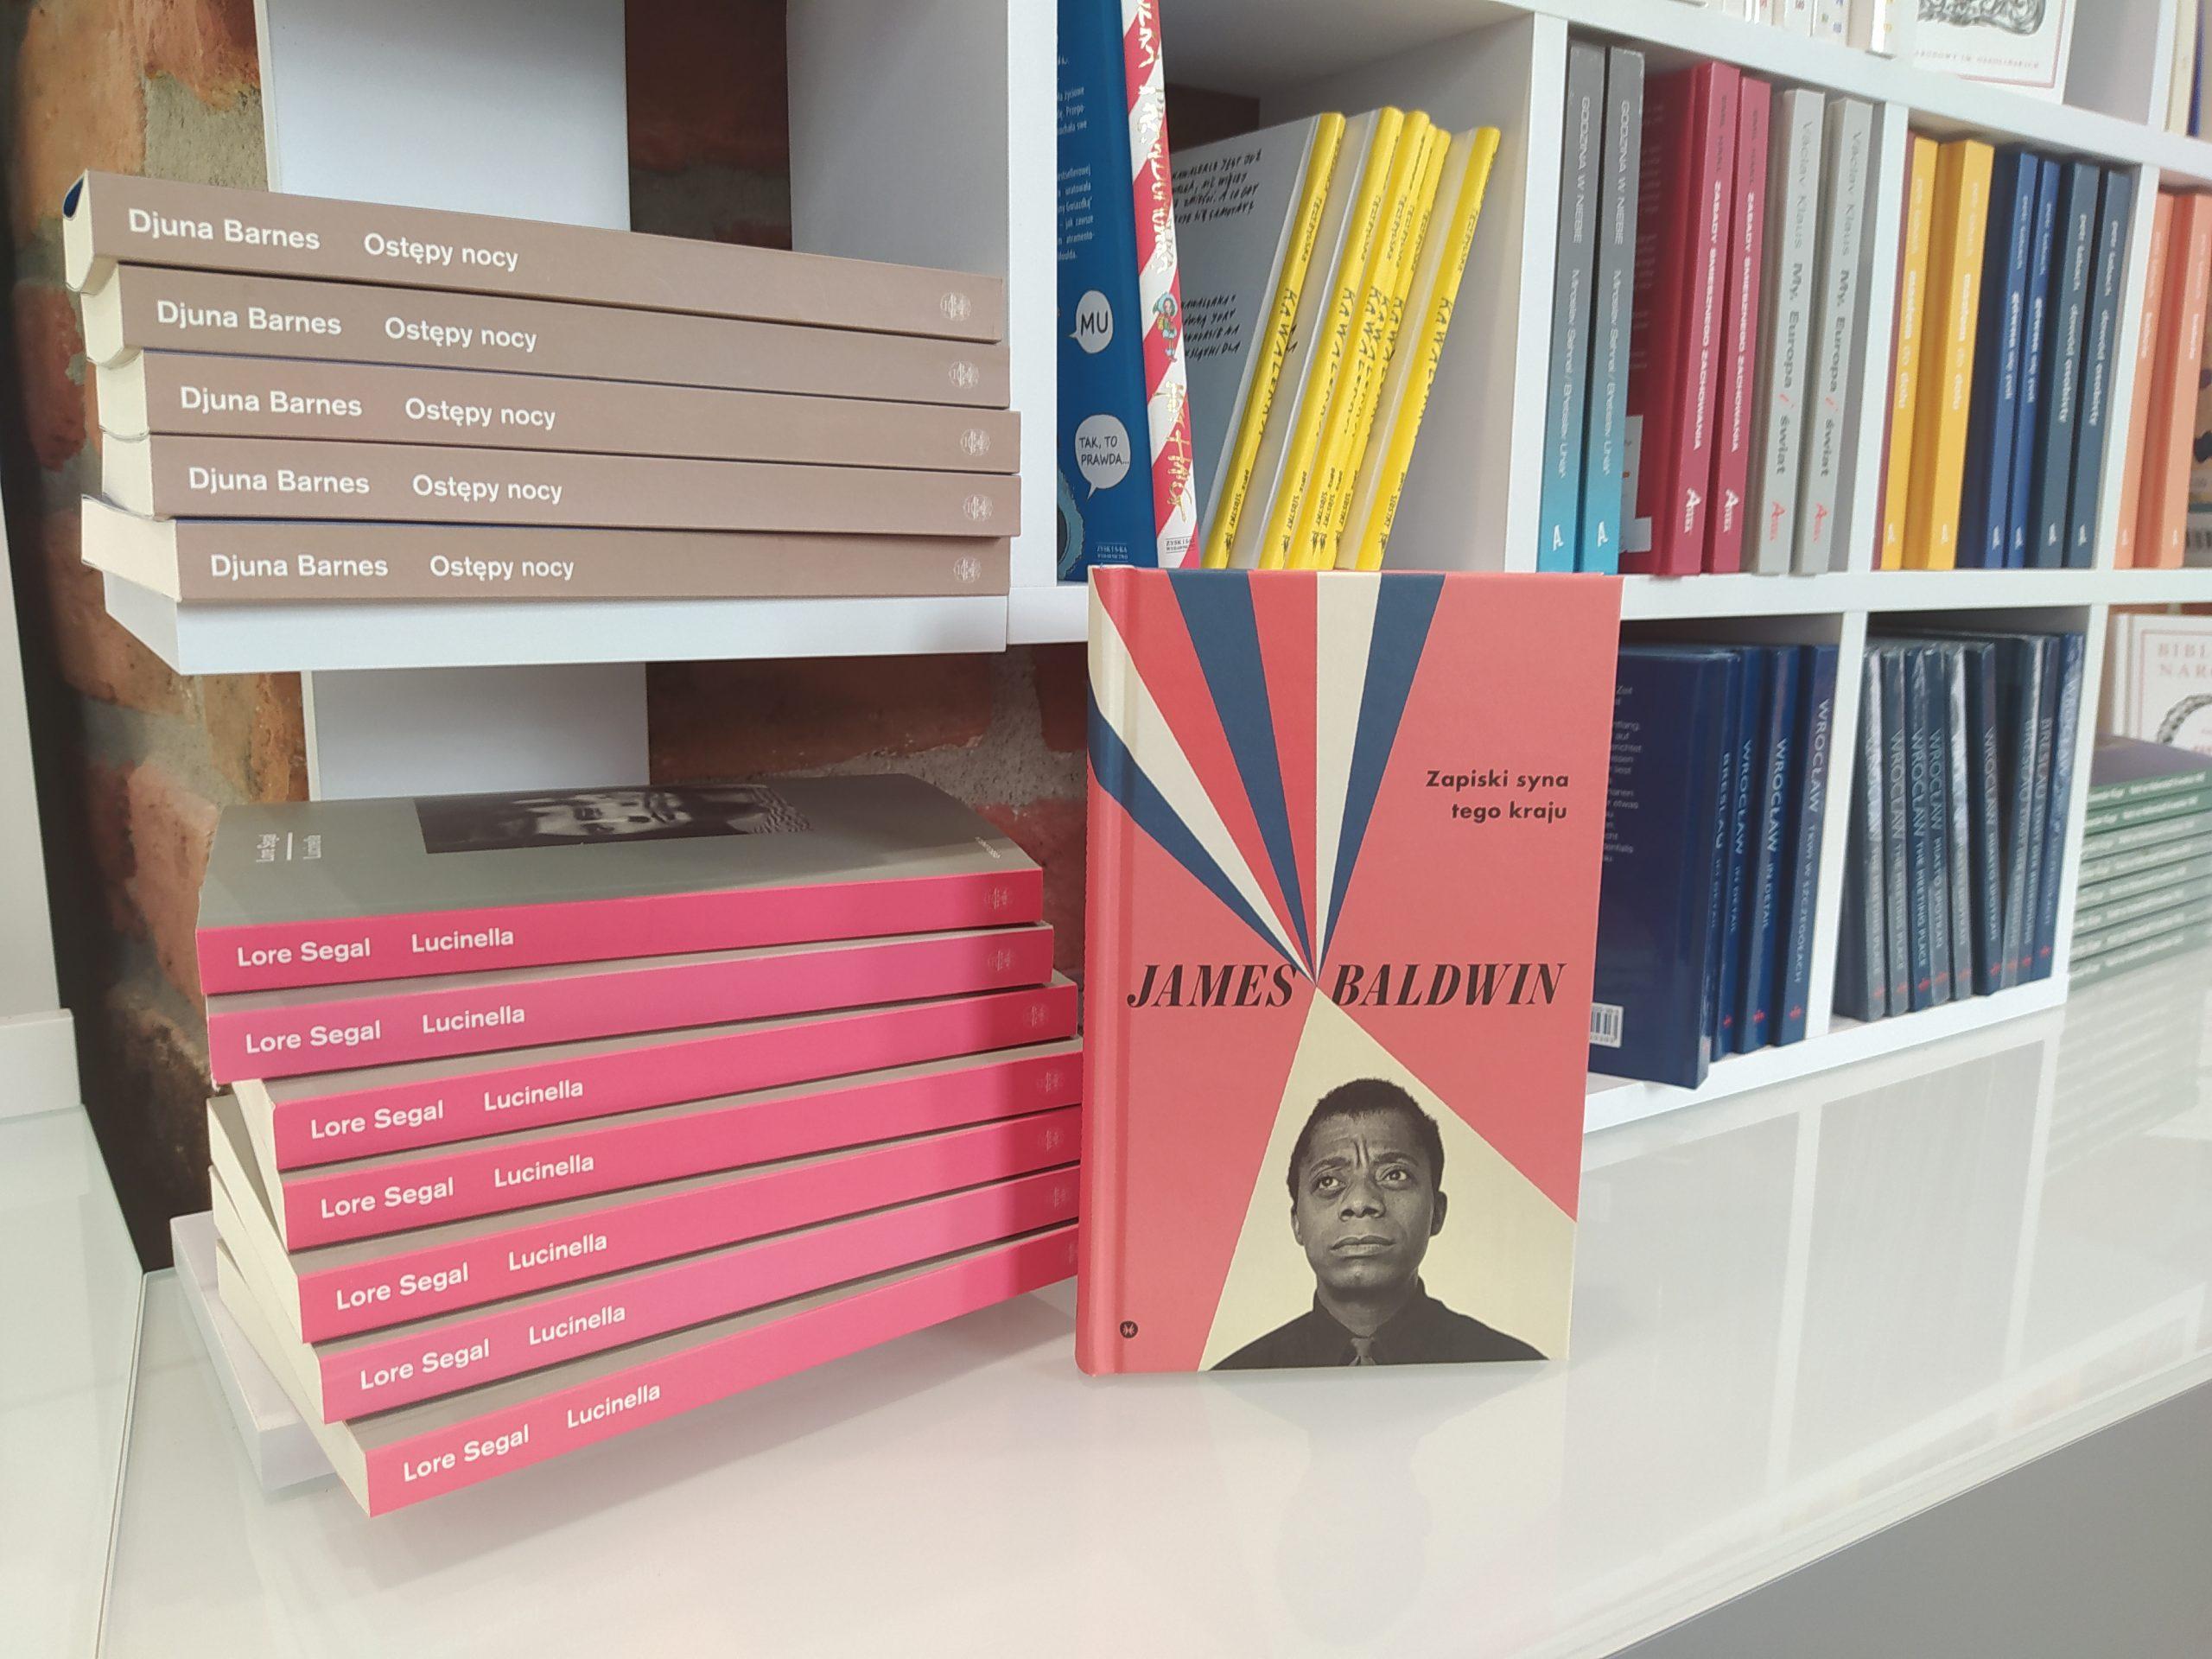 """""""Zapiski syna tego kraju"""", James Baldwin, tłum. Mikołaj Denderski, Wydawnictwo Karakter, 2019"""